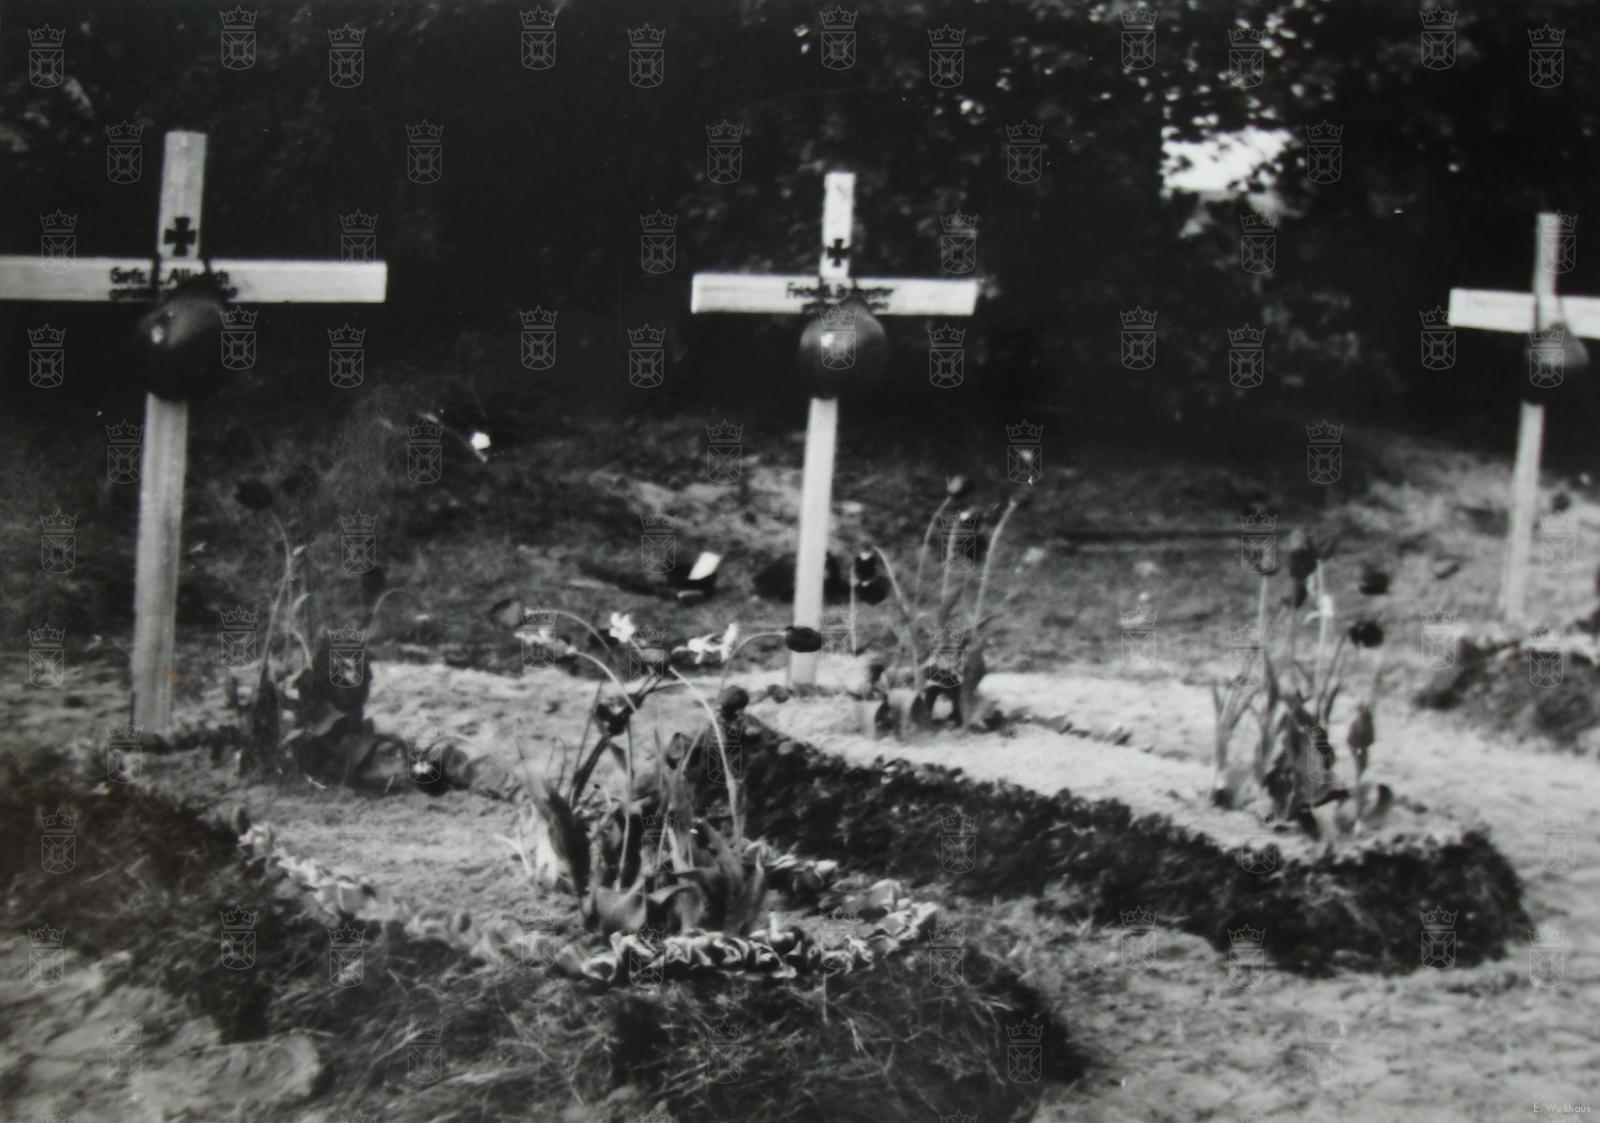 De graven in het duin van Obergefreiter Ewald Allerich en Feldwebel Georg Burmester, beide van IR47.